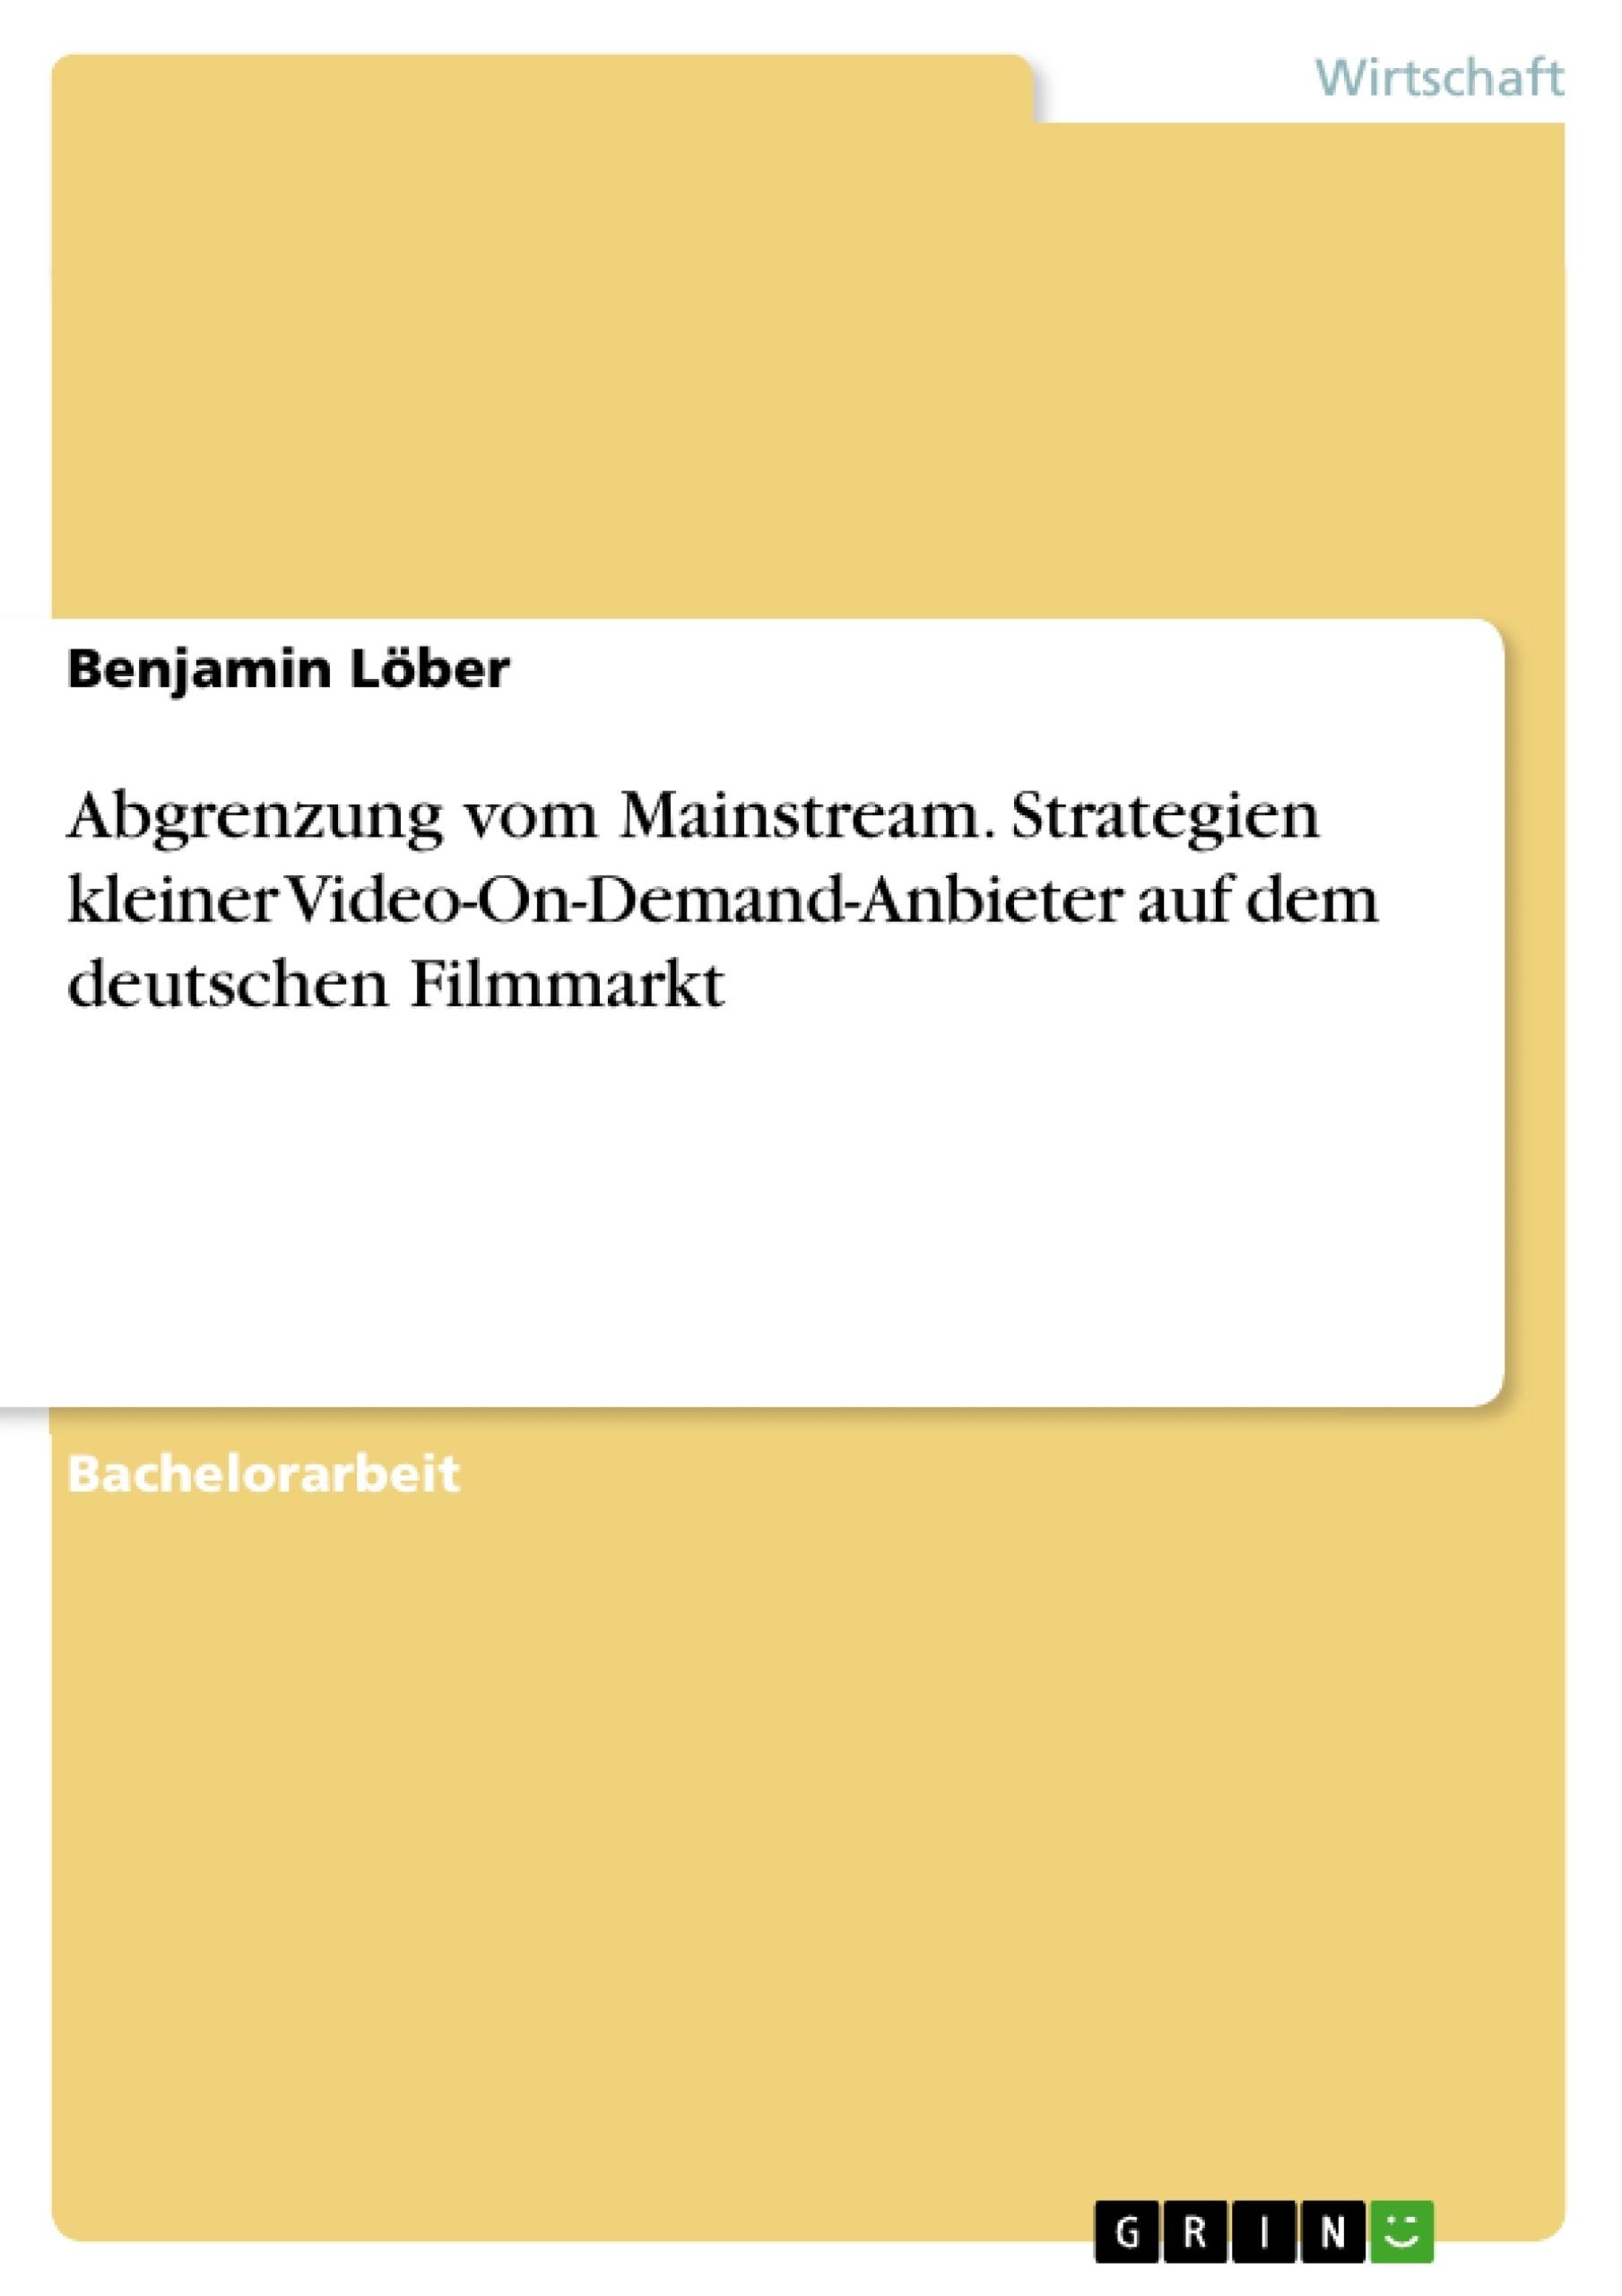 Titel: Abgrenzung vom Mainstream. Strategien kleiner Video-On-Demand-Anbieter auf dem deutschen Filmmarkt